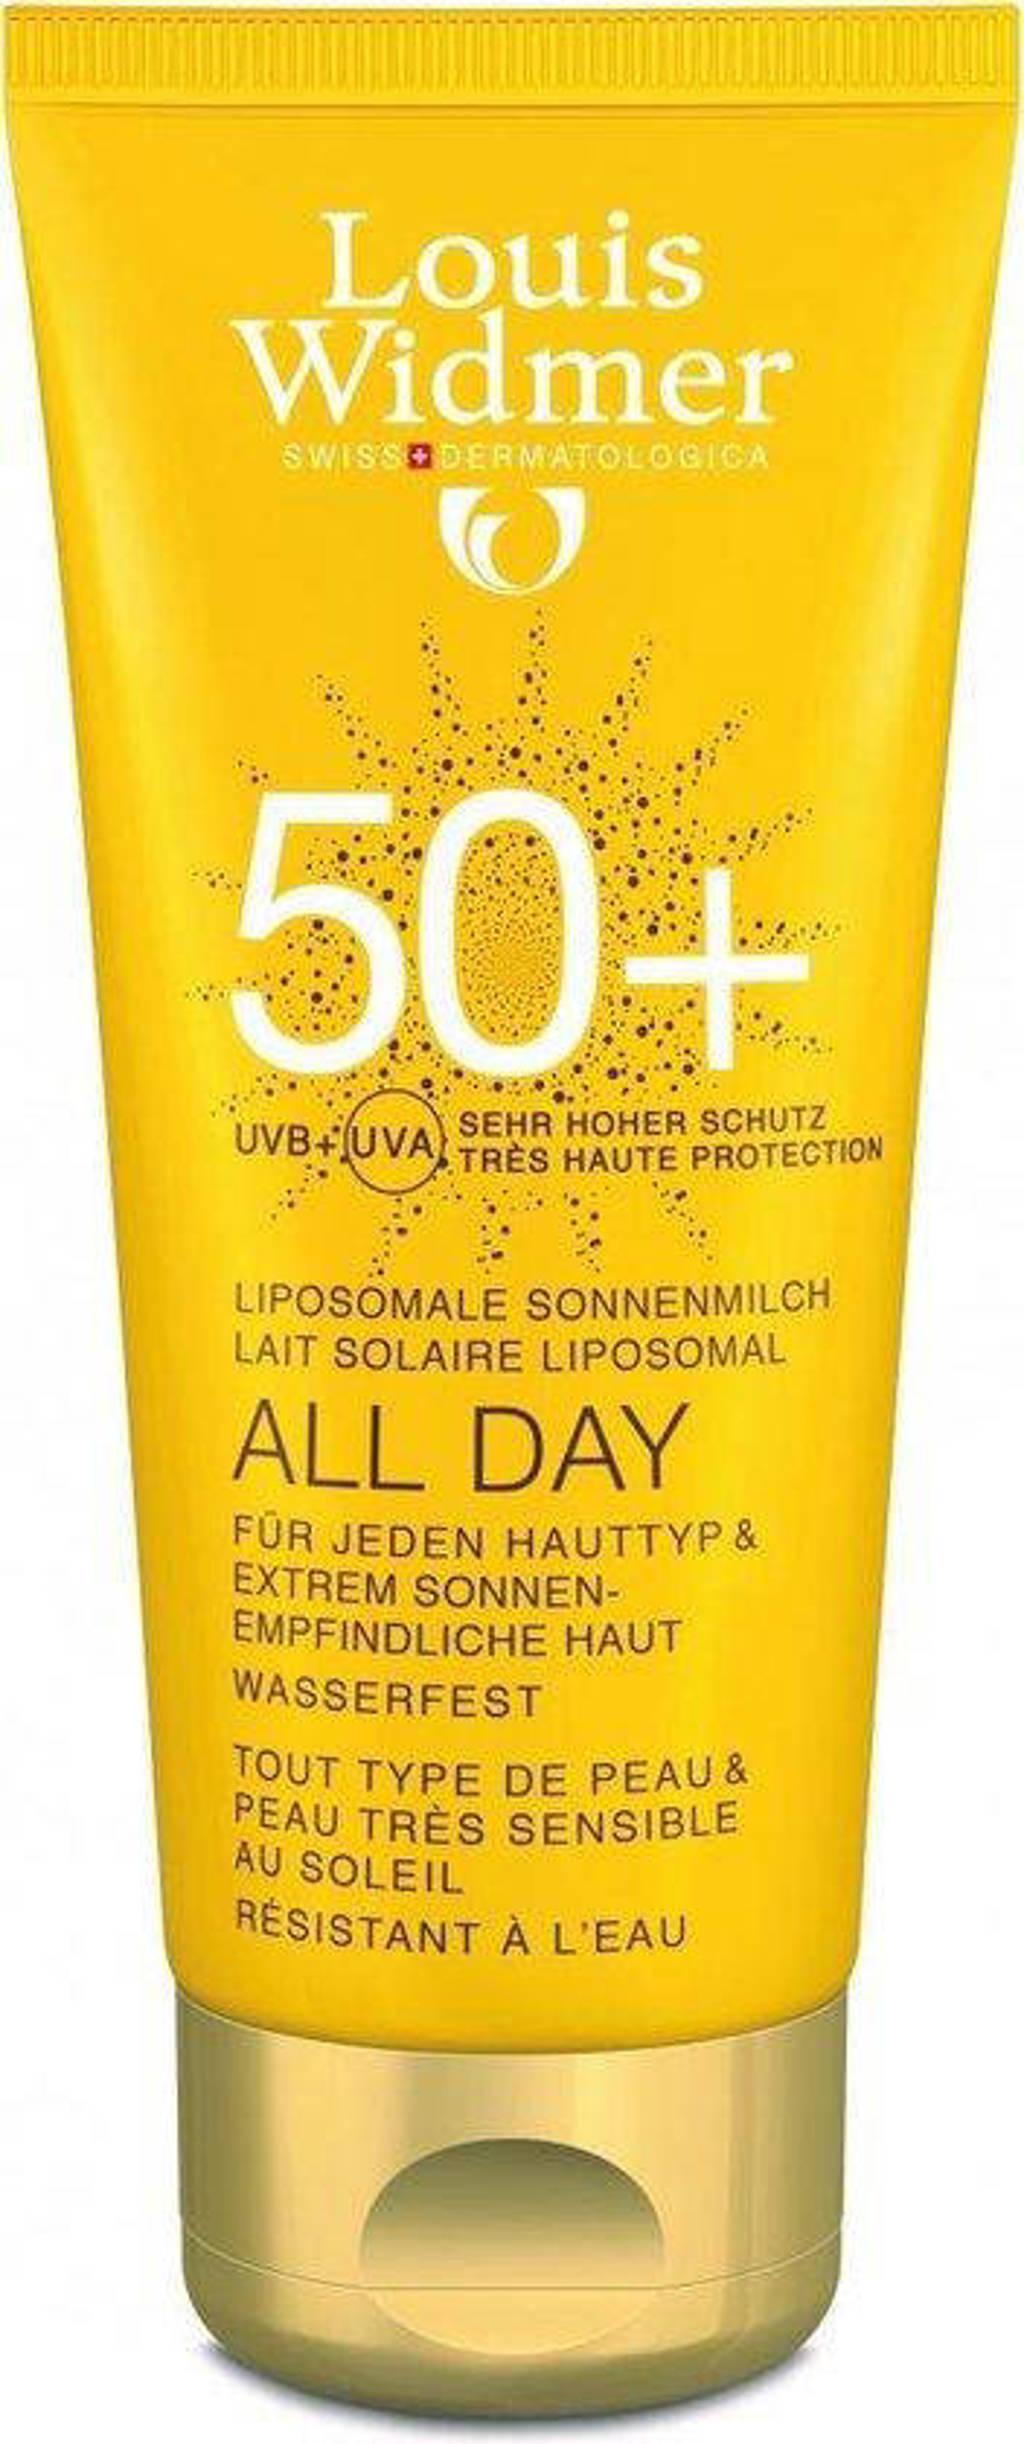 Louis Widmer Sun All Day SPF50 zonnebrand - 100 ml